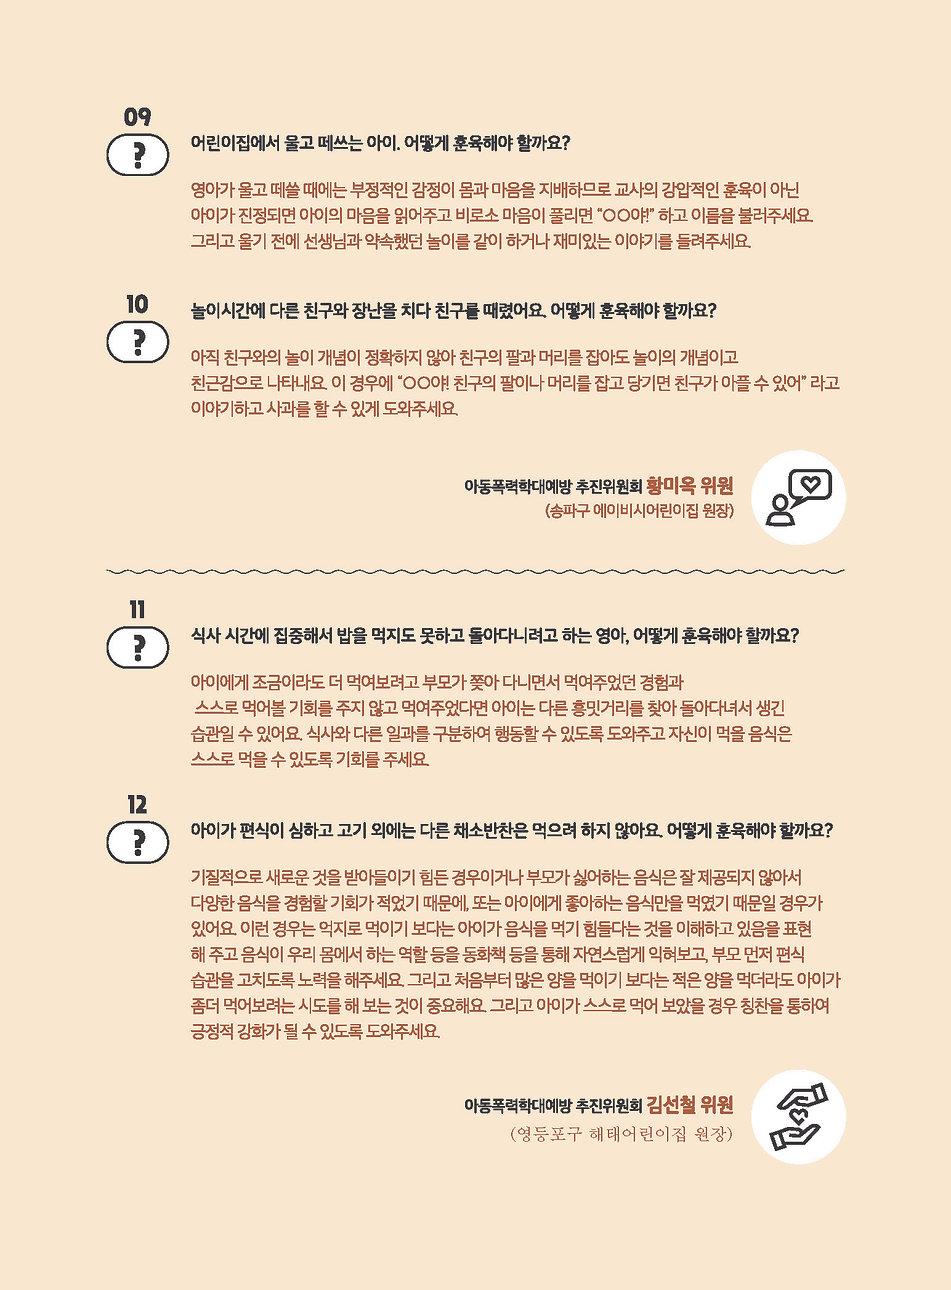 최종)훈육가이드(송부용)_페이지_10.jpg